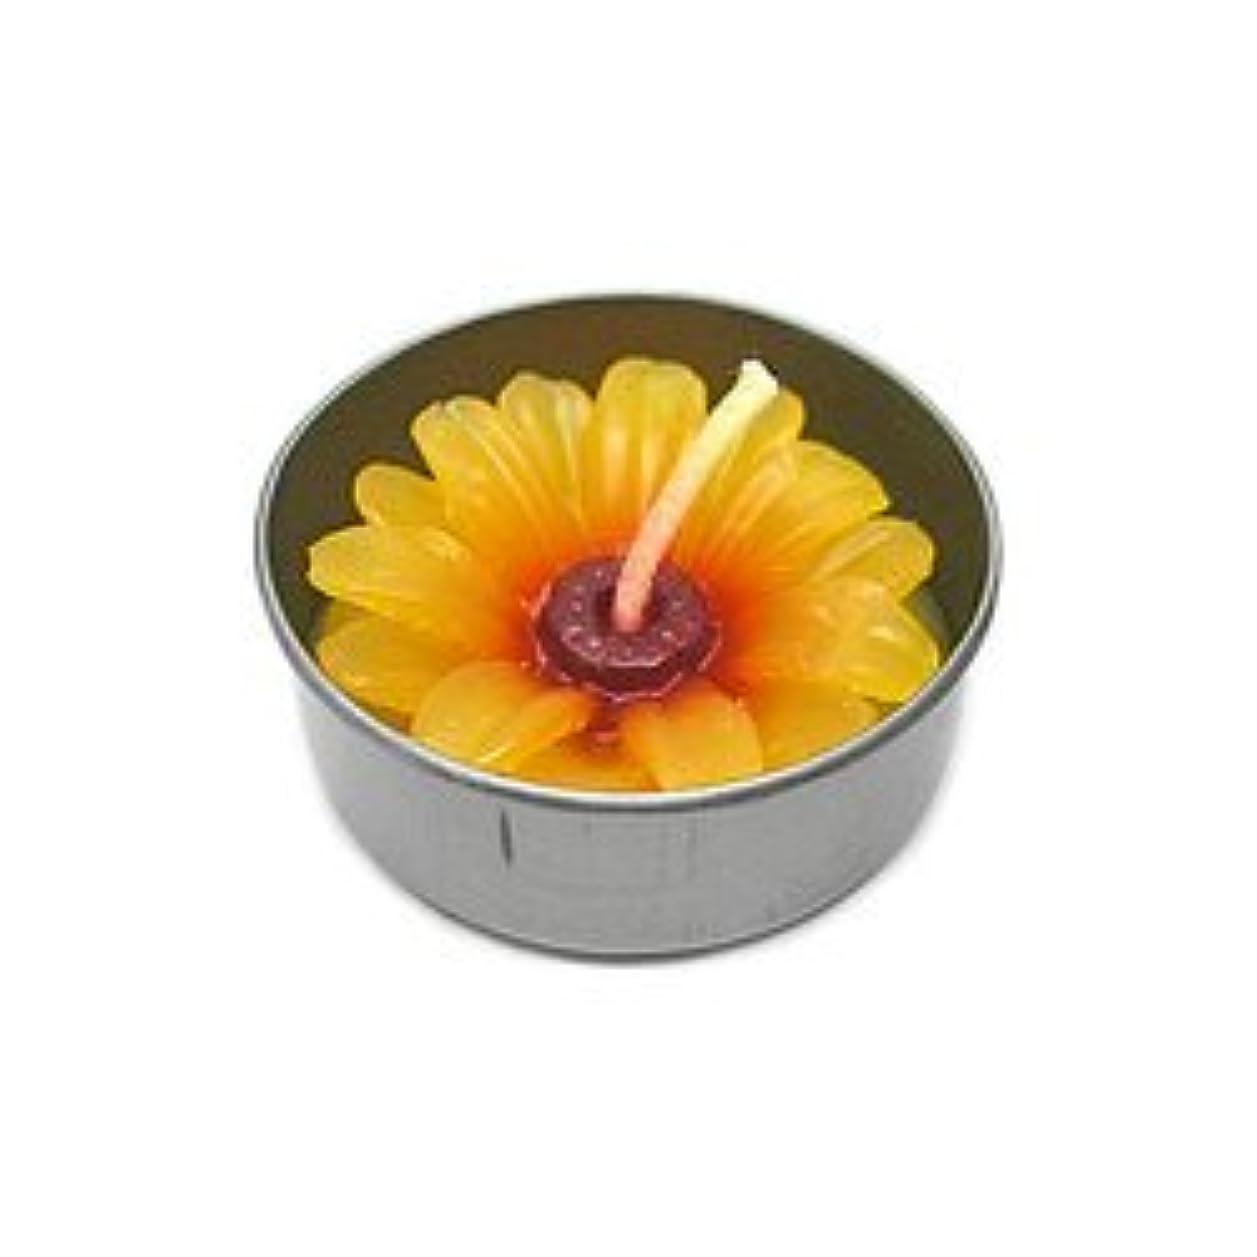 日世辞不測の事態アロマキャンドル  ミニ お花 薄オレンジ 鉄の器入り 器直径4cm アジアン雑貨